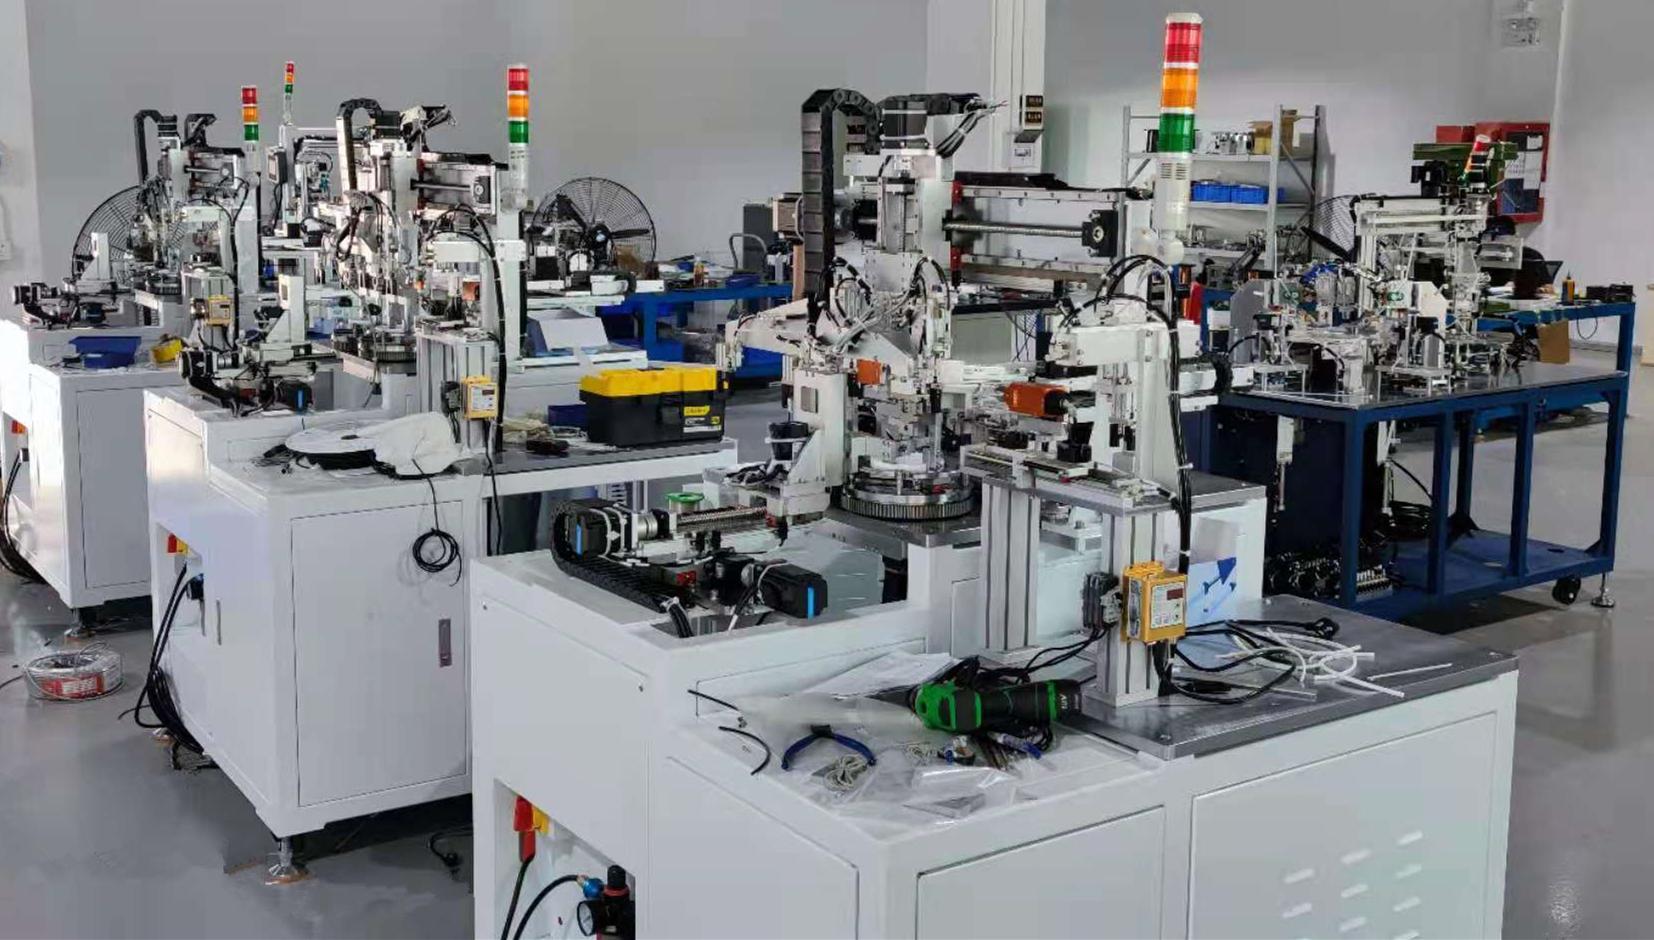 这家磁环电感设备厂凭什么半年产销超2020全年